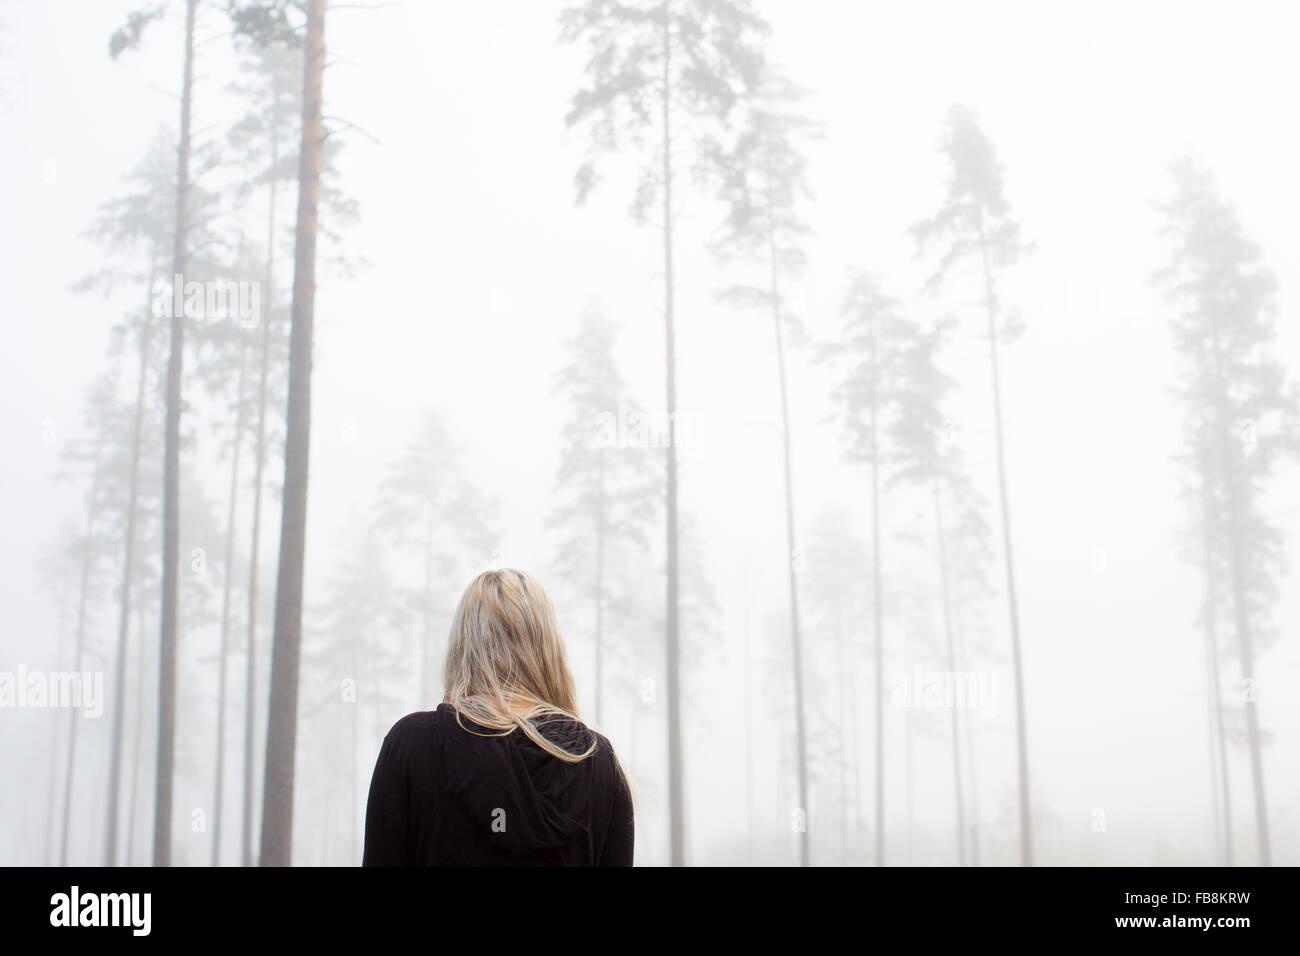 La Suède, l'océan, la femme dans le brouillard Photo Stock